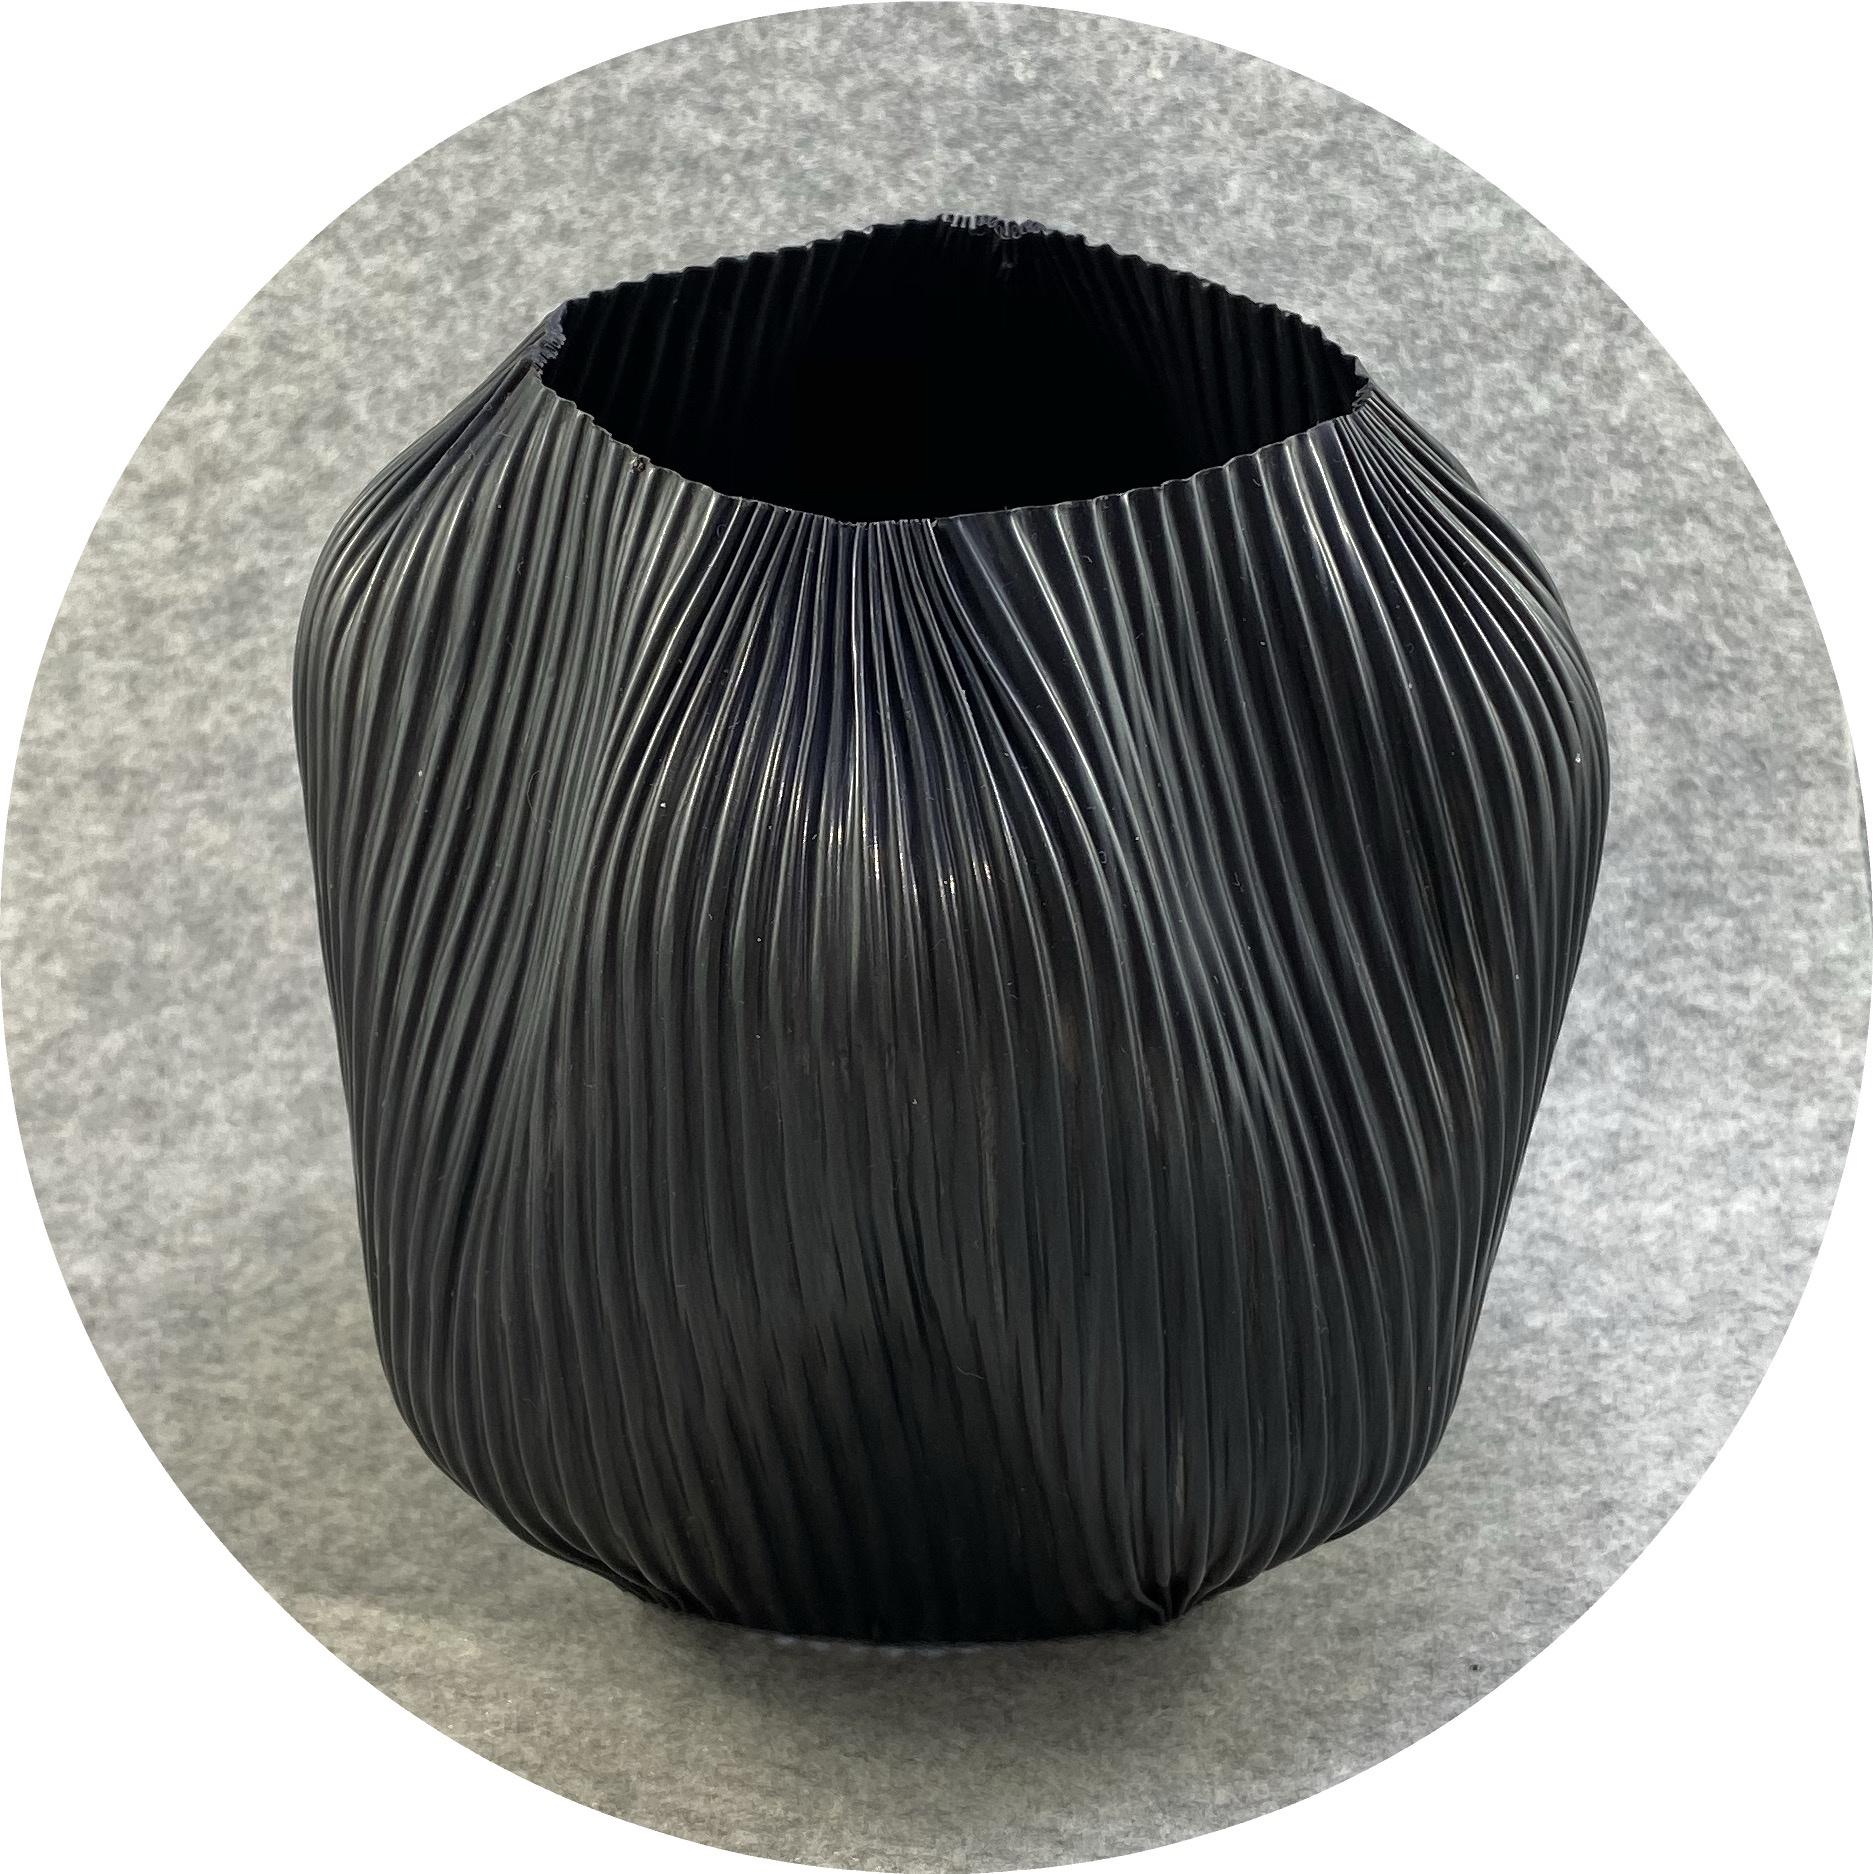 Ann Welton - 'Seed Pod', copper